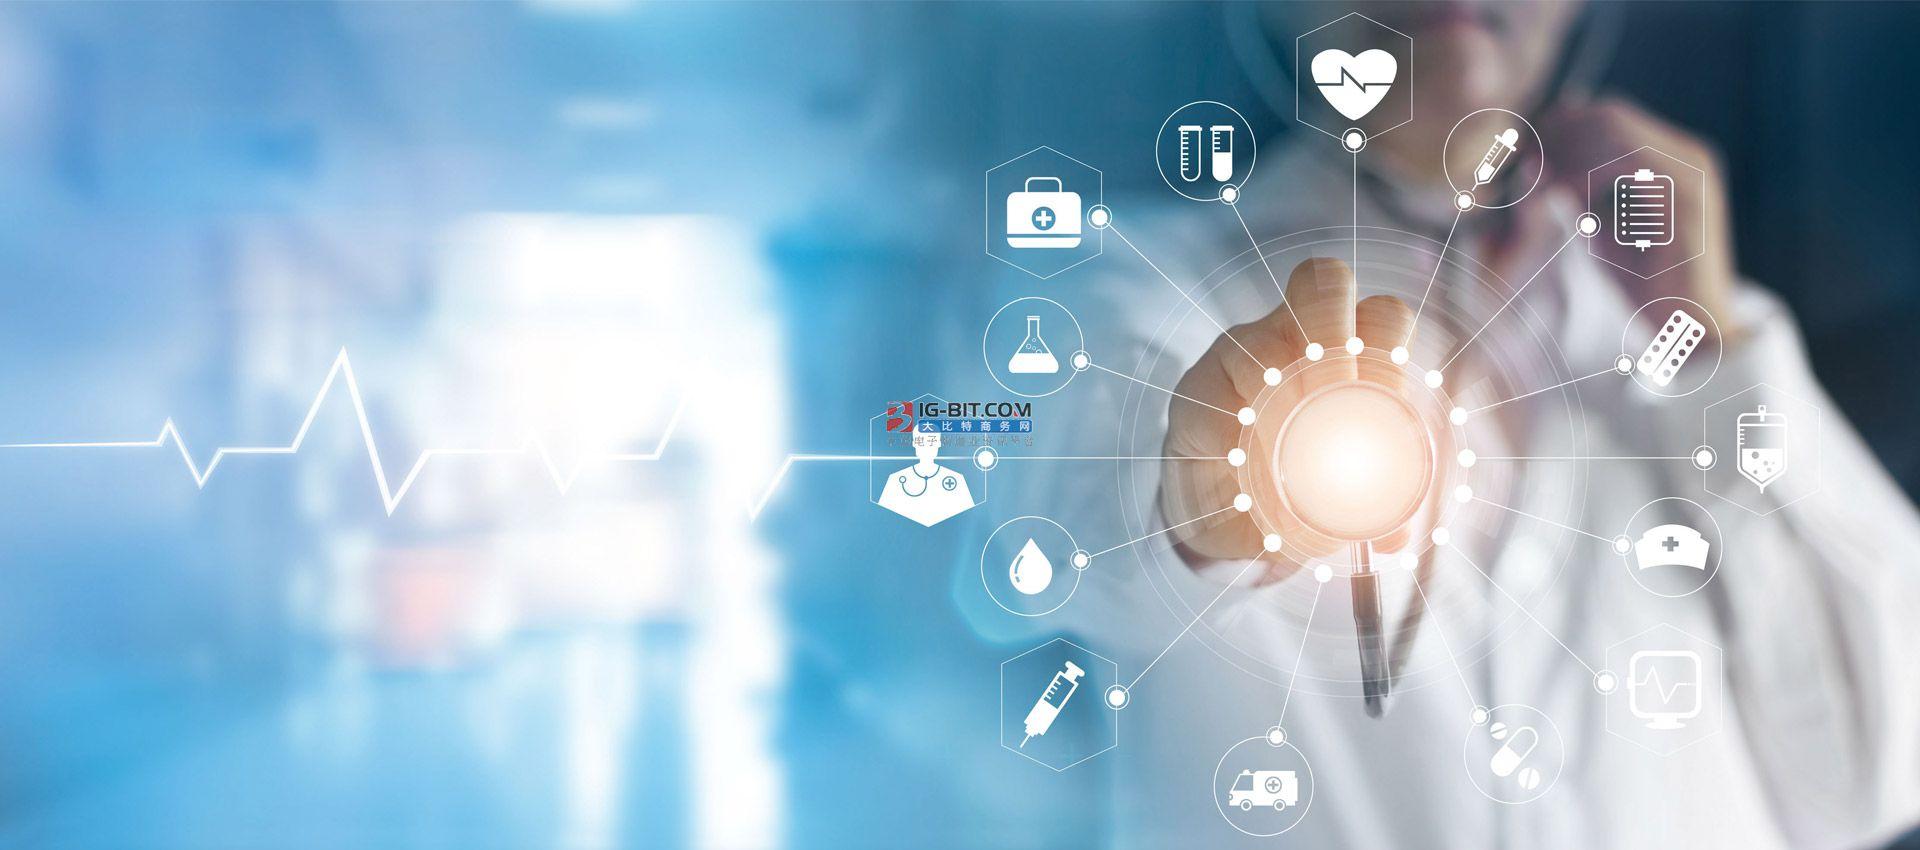 亚萨合莱商用解决方案助力建设智慧医疗